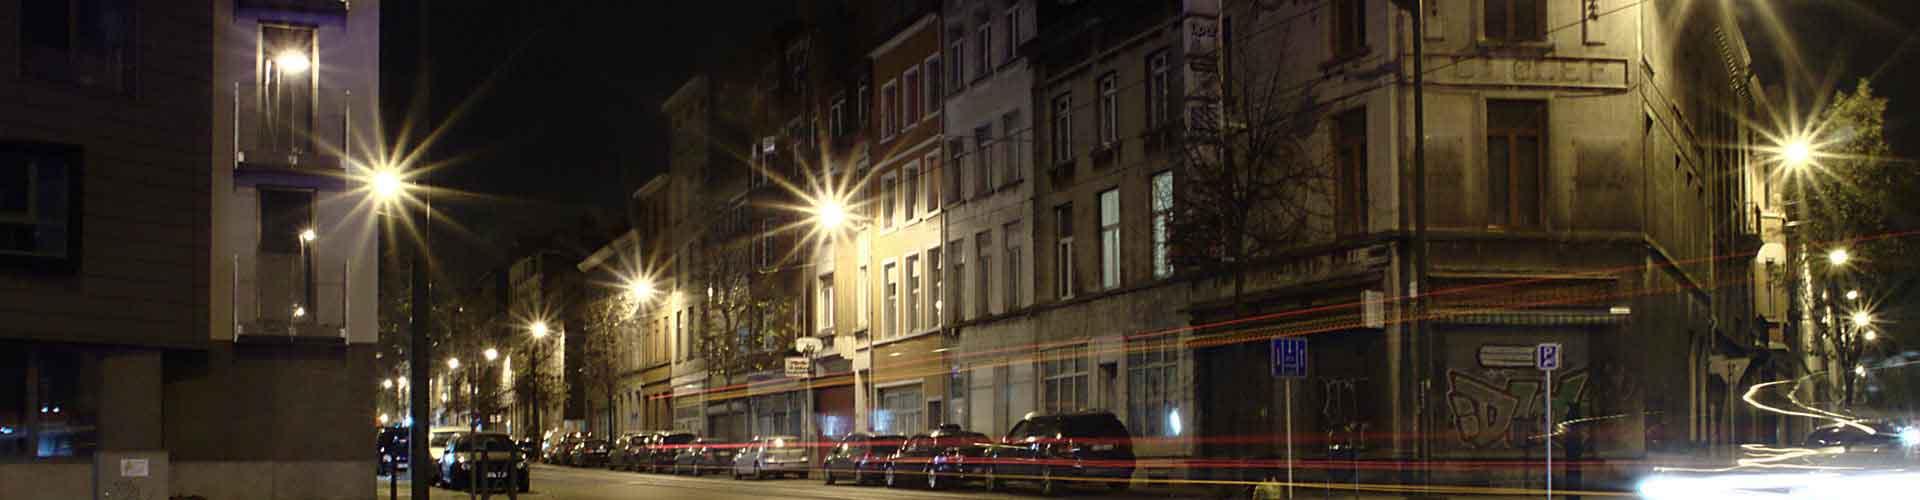 Brüssel - Zimmer in Molenbeek-Saint-Jean. Brüssel auf der Karte. Fotos und Bewertungen für jedes Zimmer in Brüssel.